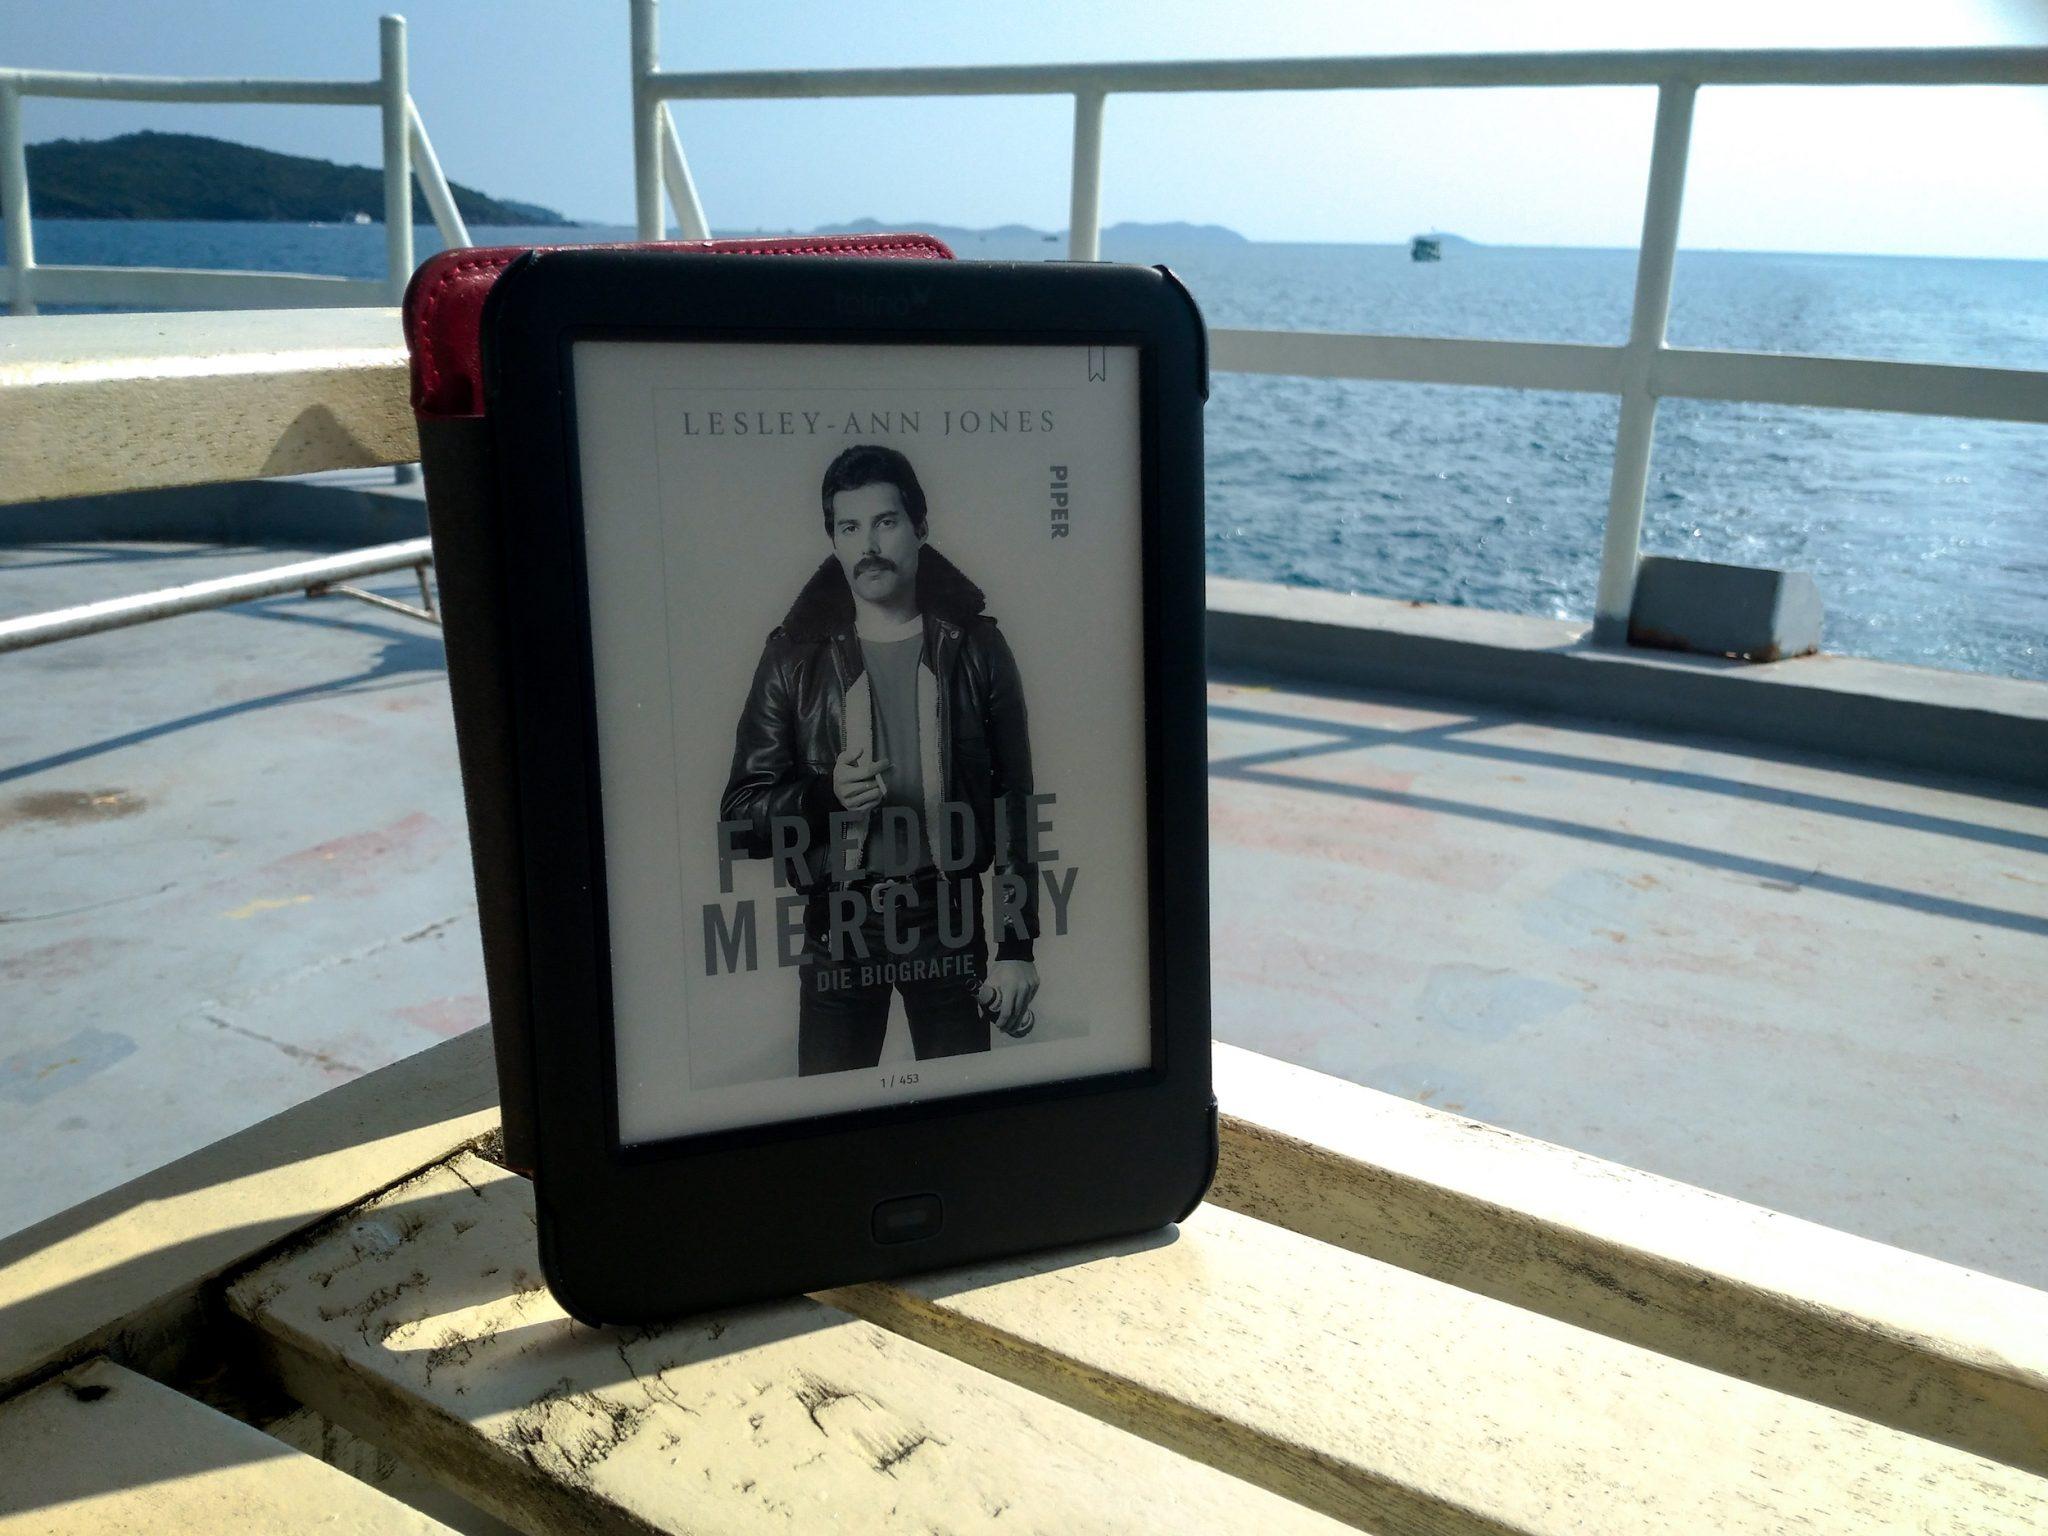 Freddy Mercury Biografie auf www.nixzulesen.de